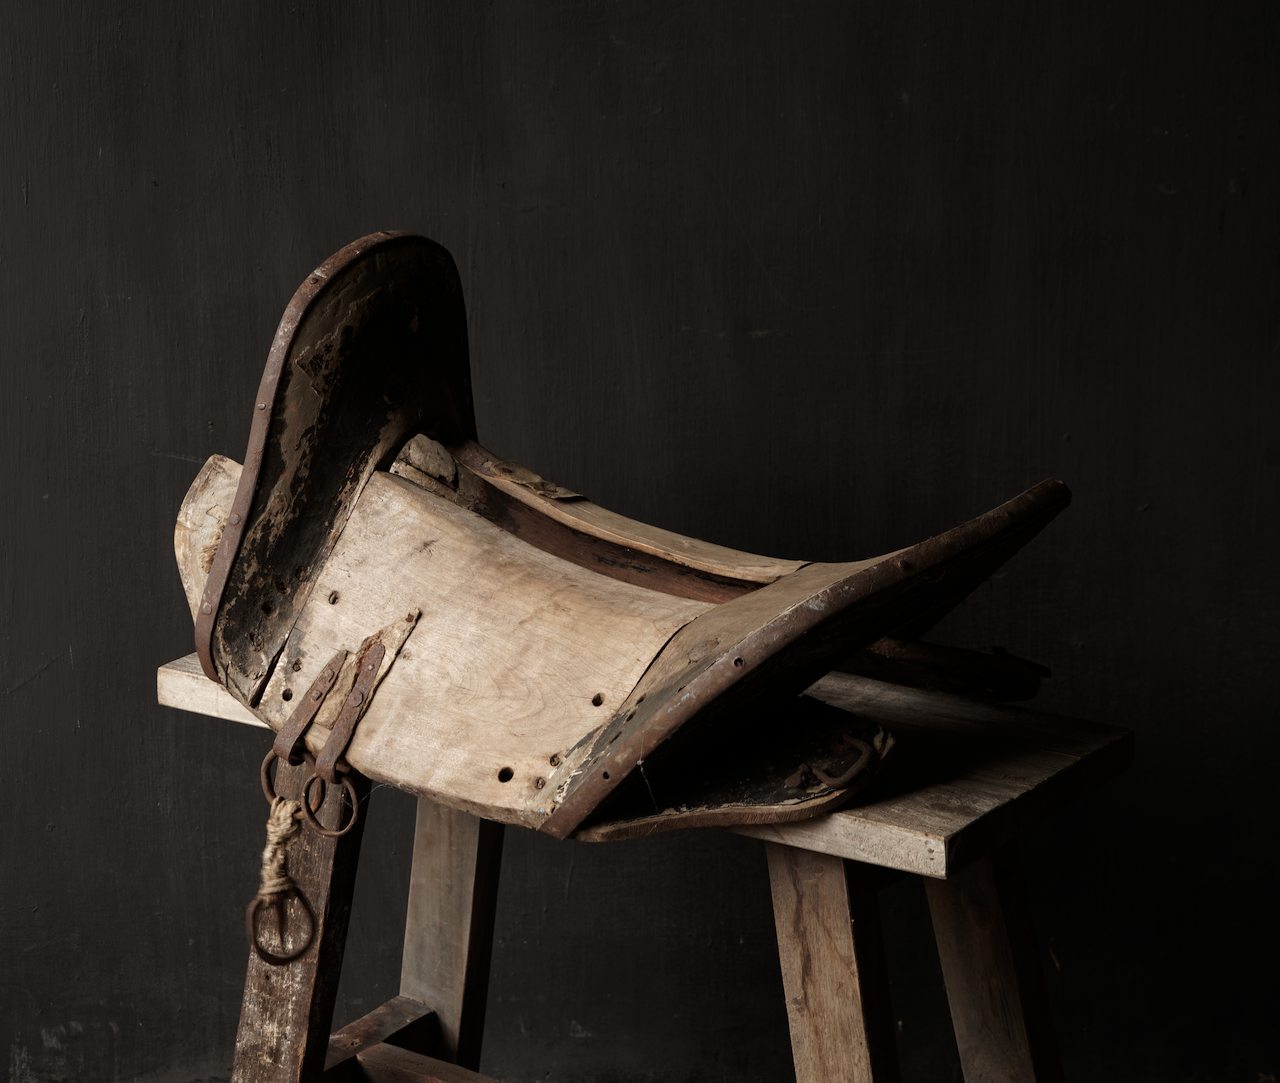 Antiker alter Einzigartiger Holzsattel-2